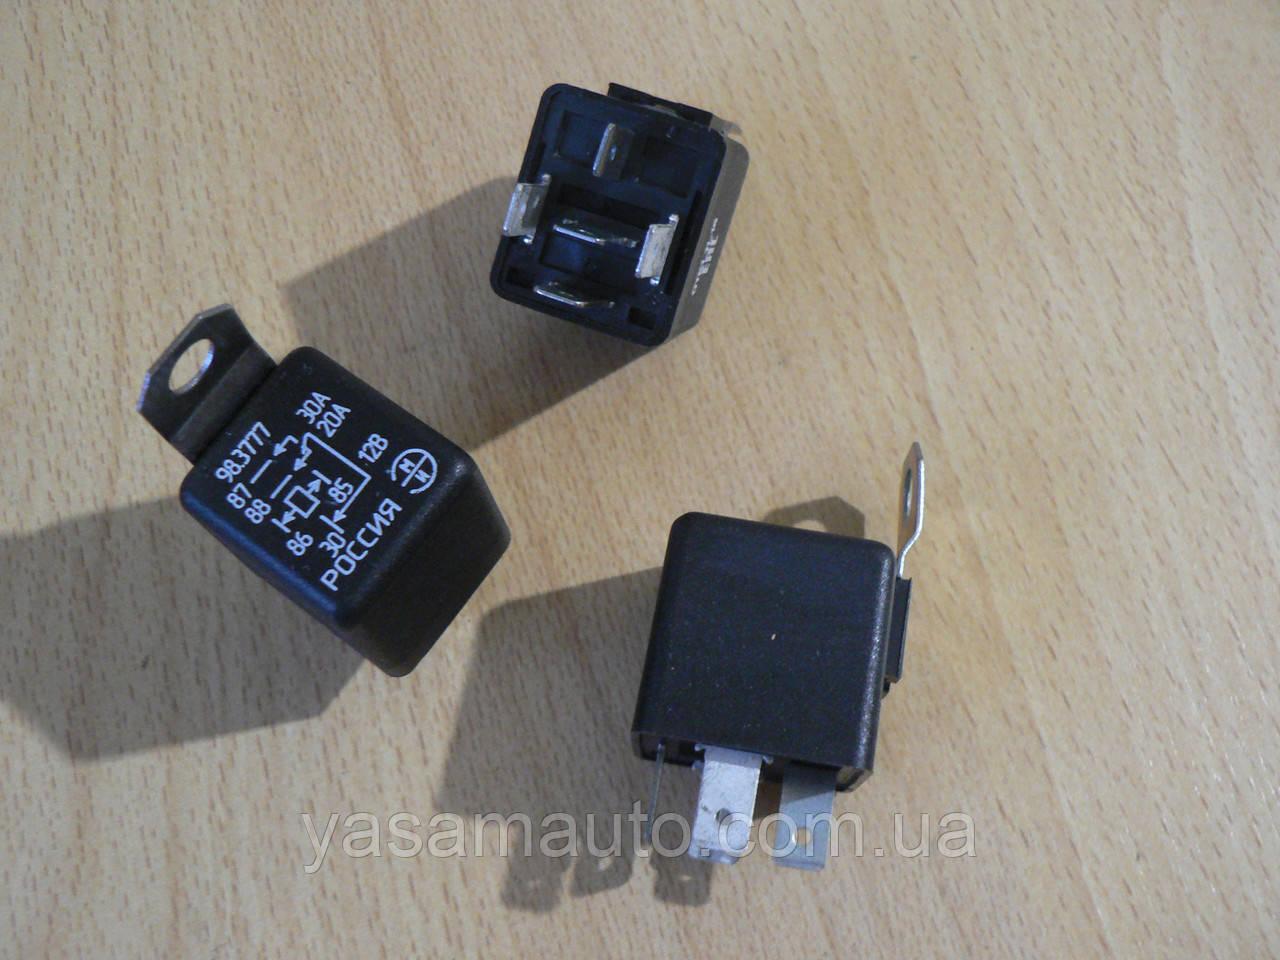 Реле 5 контактное 30А универсальное 98.3777 12В ЭМИ Пенза с кронштейном ухом под фишку крест 1шт